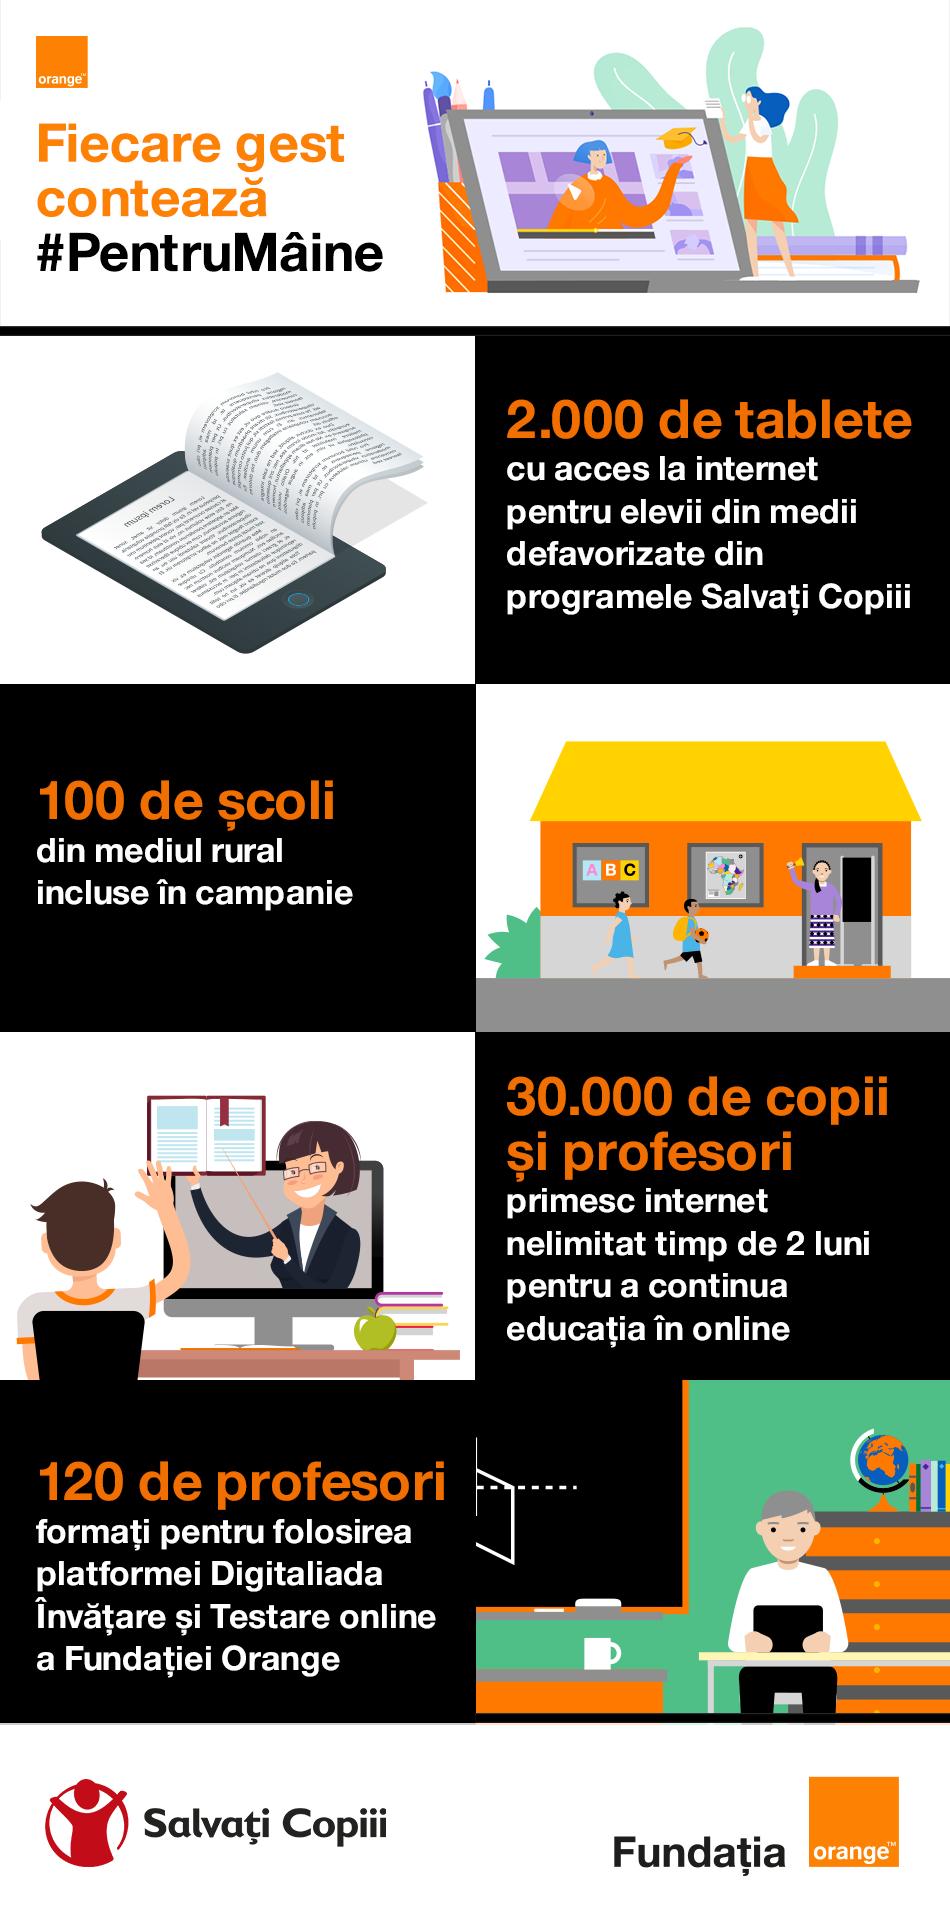 Orange susţine accesul la educaţie digitală împreună cu Salvaţi Copiii şi Fundaţia Orange